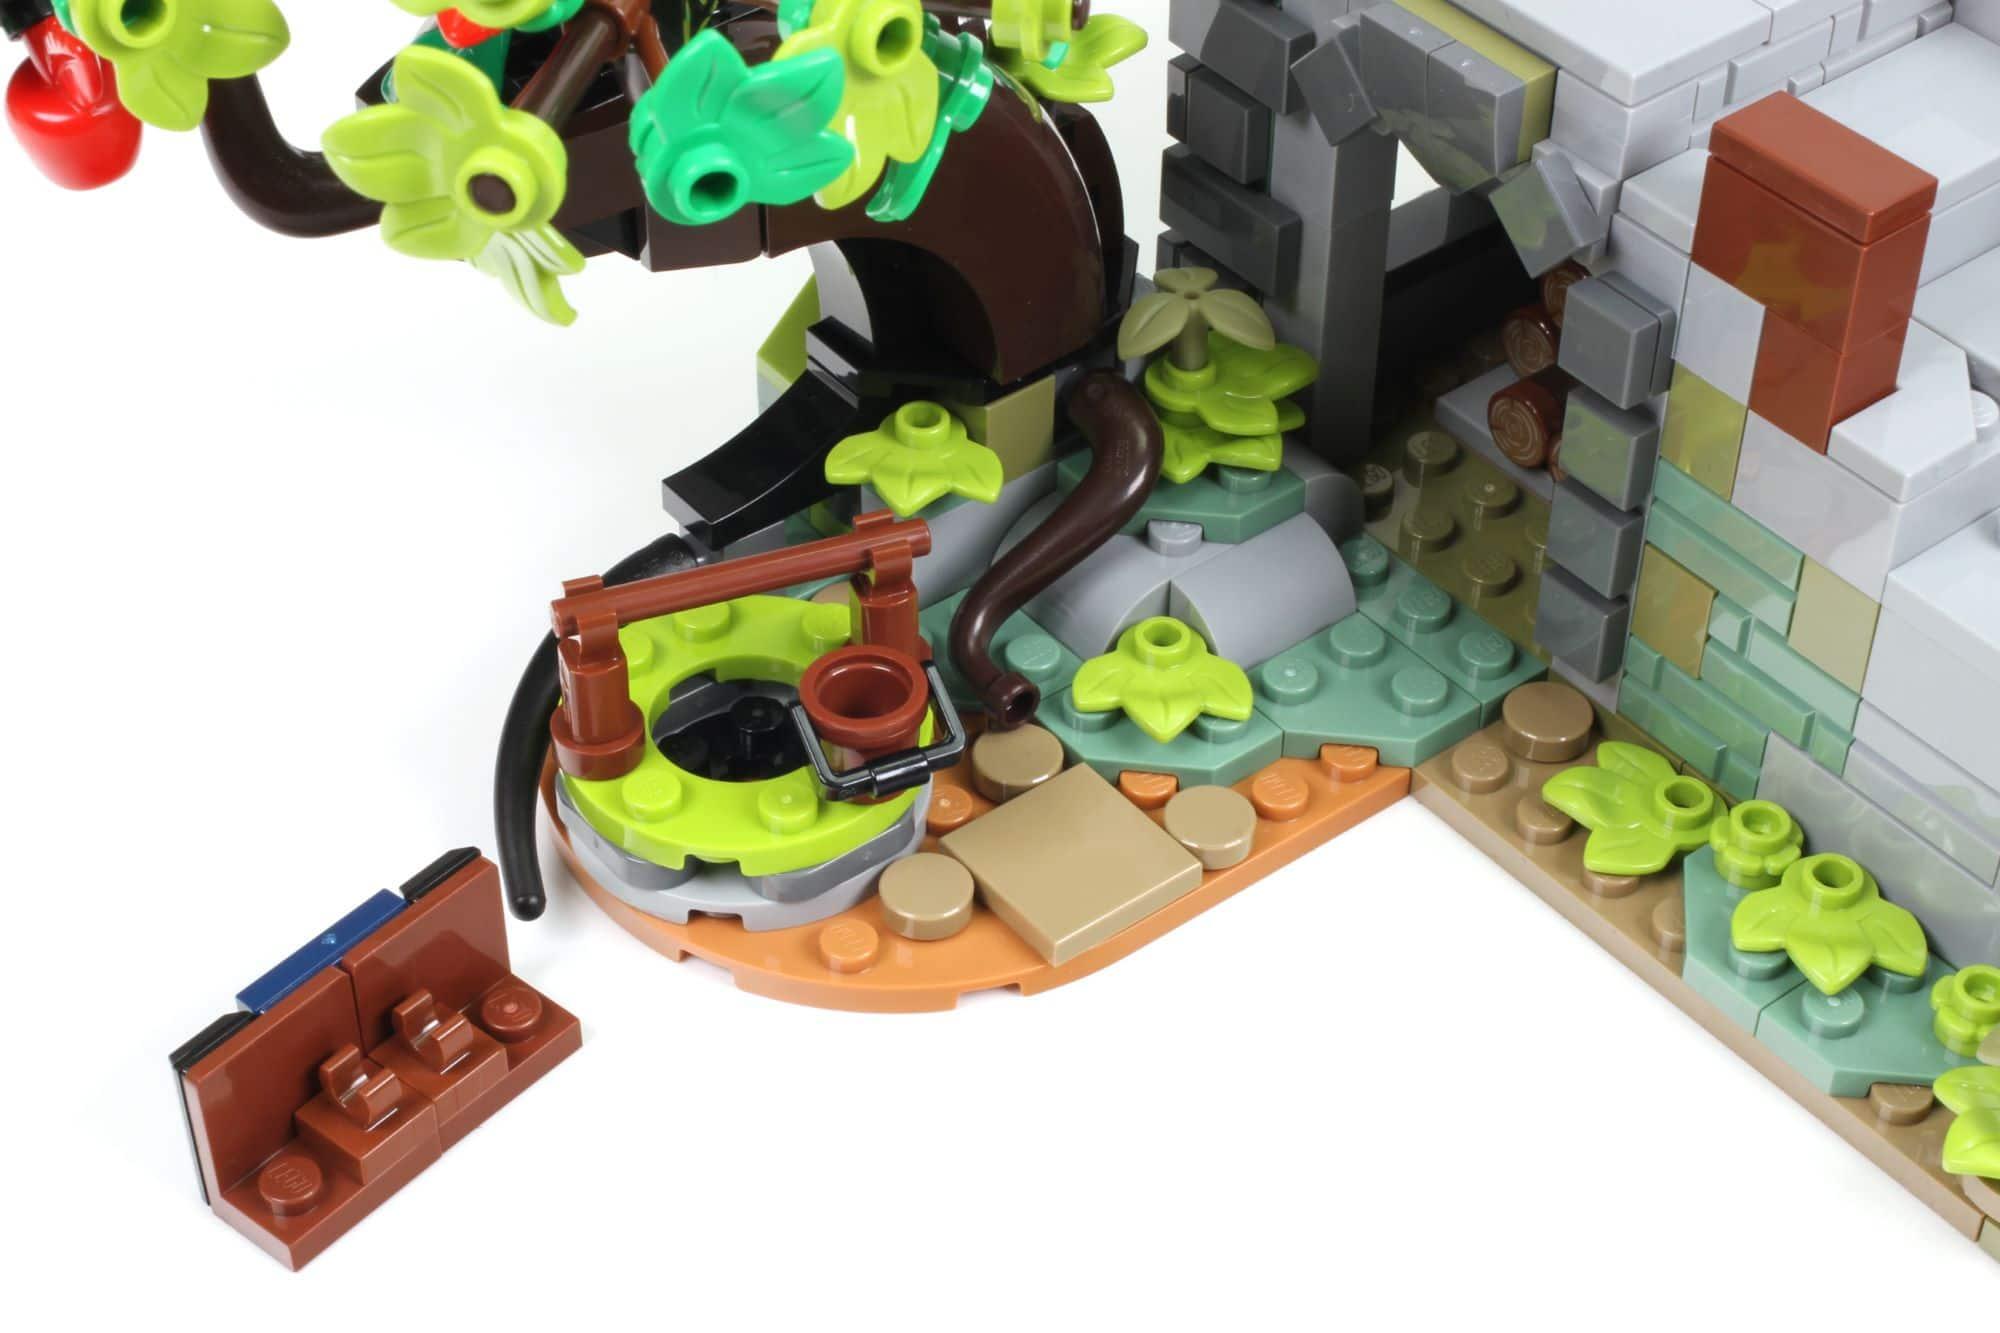 LEGO Ideas 21325 Mittelalterliche Schmiede Bauabschnitt 5 5